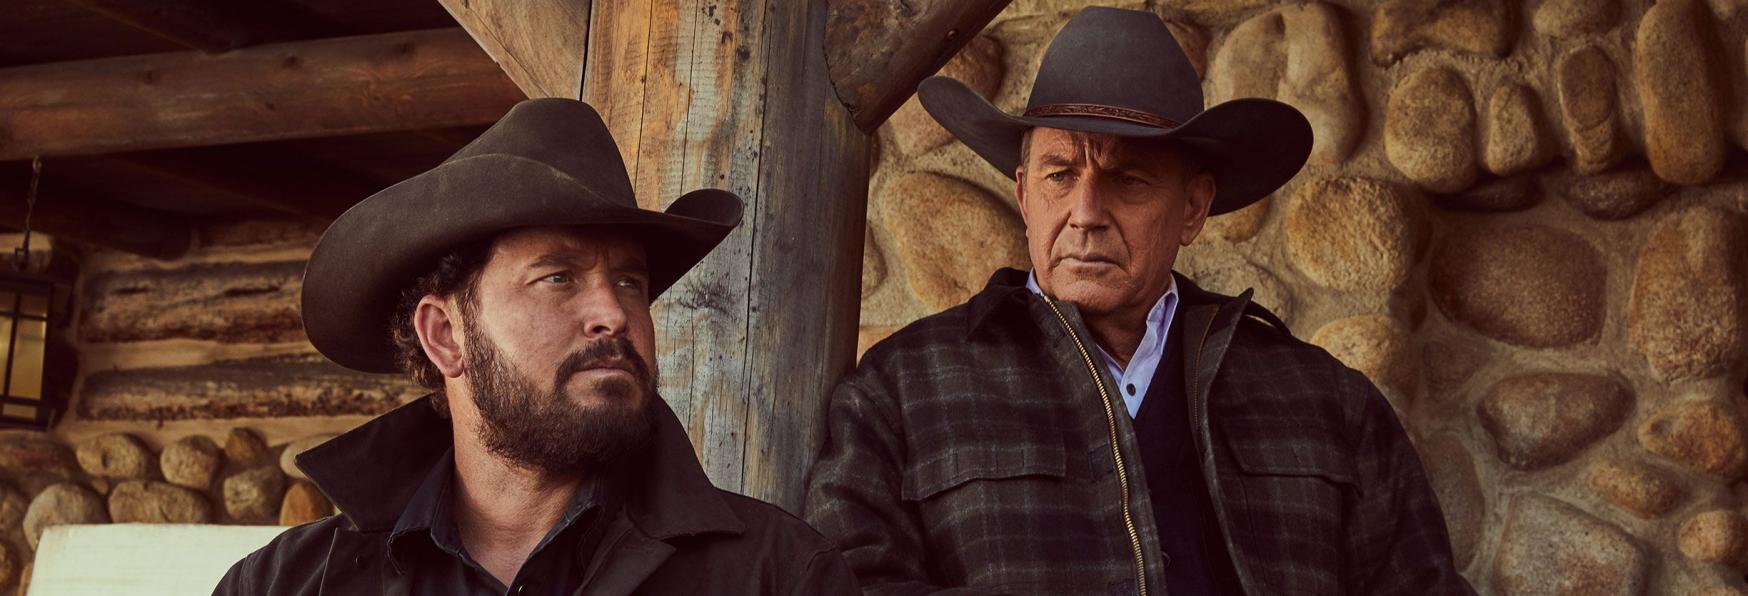 Yellowstone 4: Paramount Rilascia il Trailer e Svela il Cast della nuova Stagione